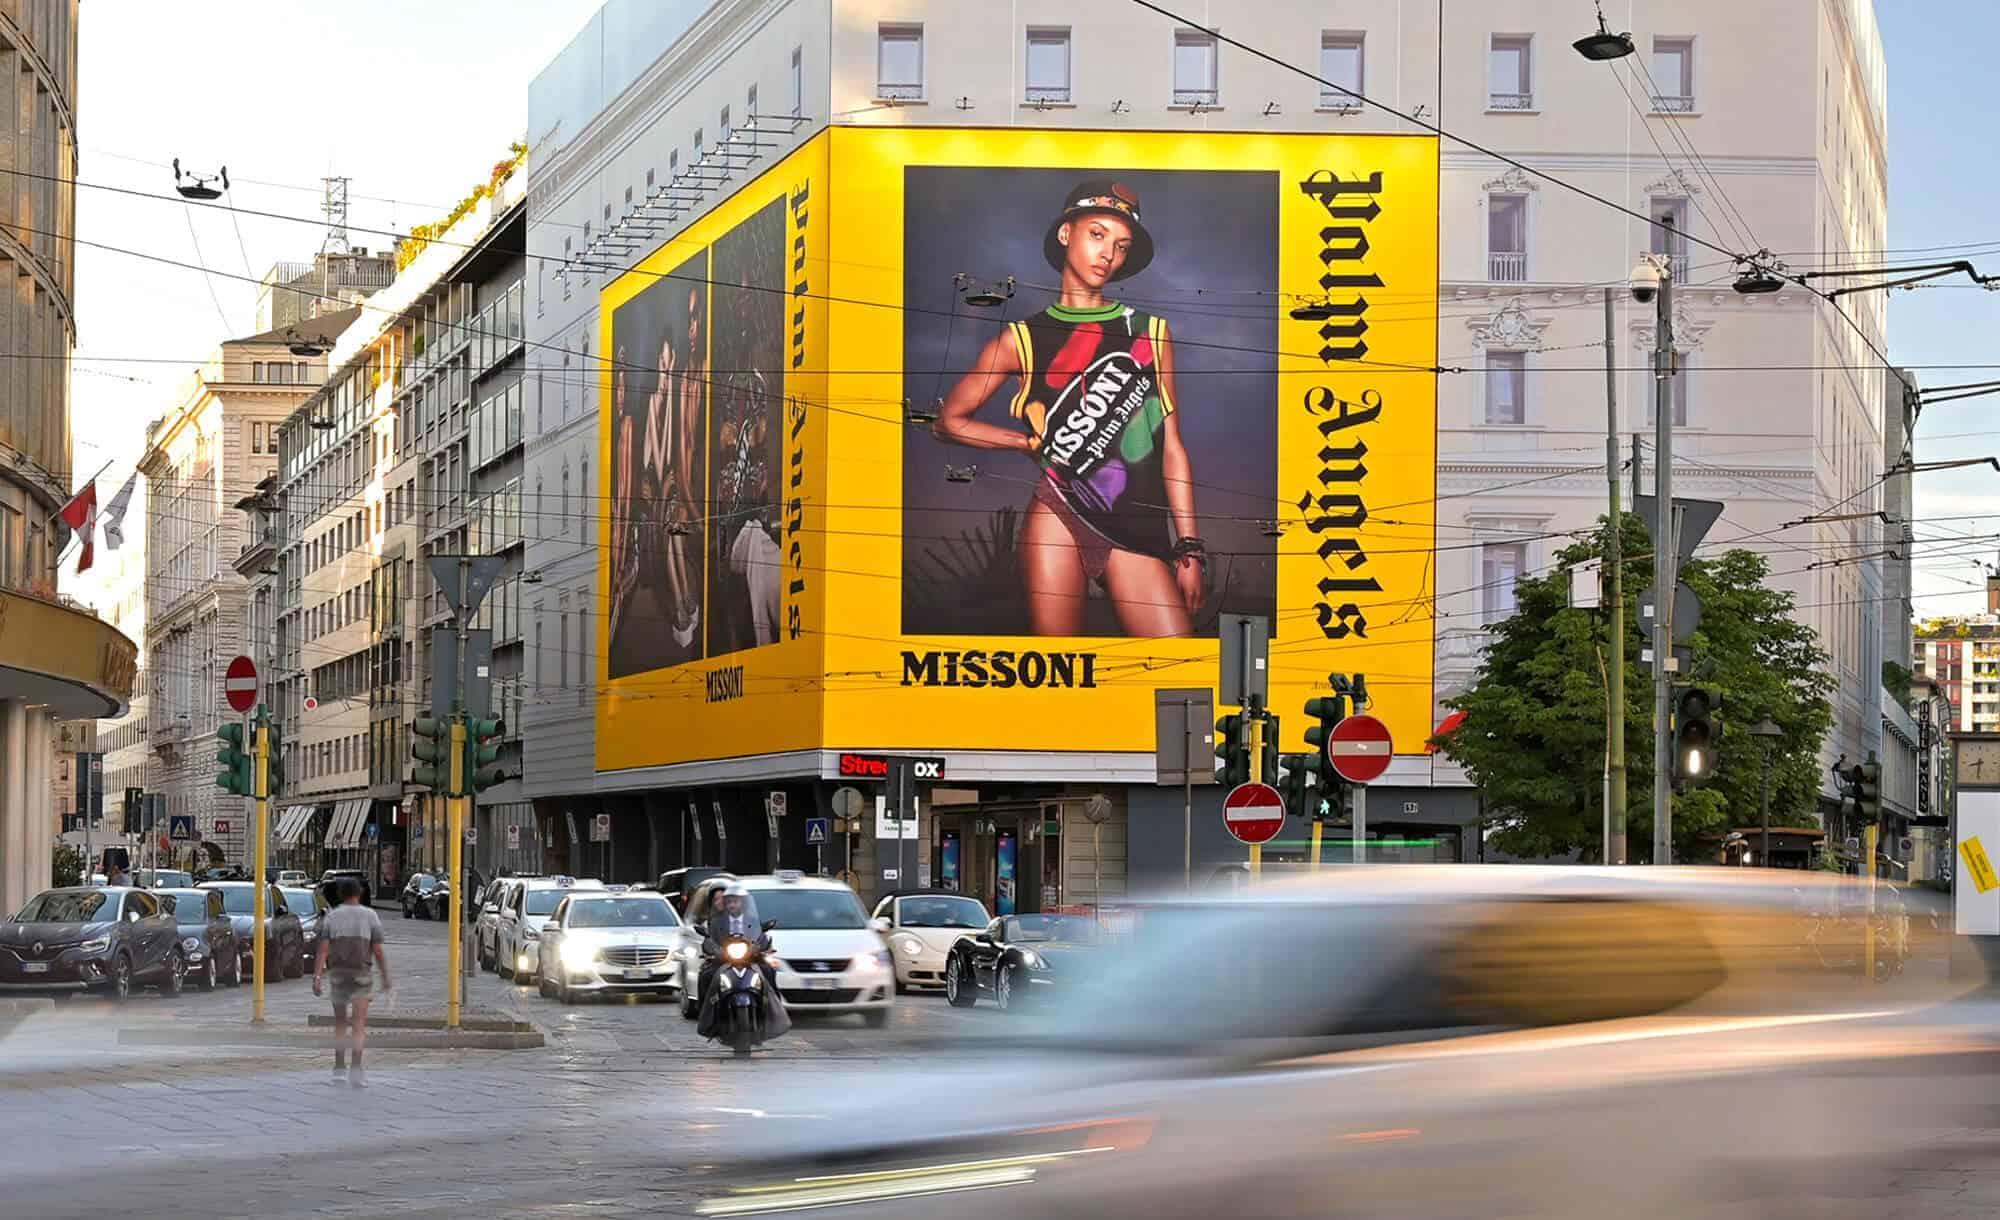 Maxi Affissione a Milano in Piazza Cavour 5 con Palm Angels e Missoni (Fashion)